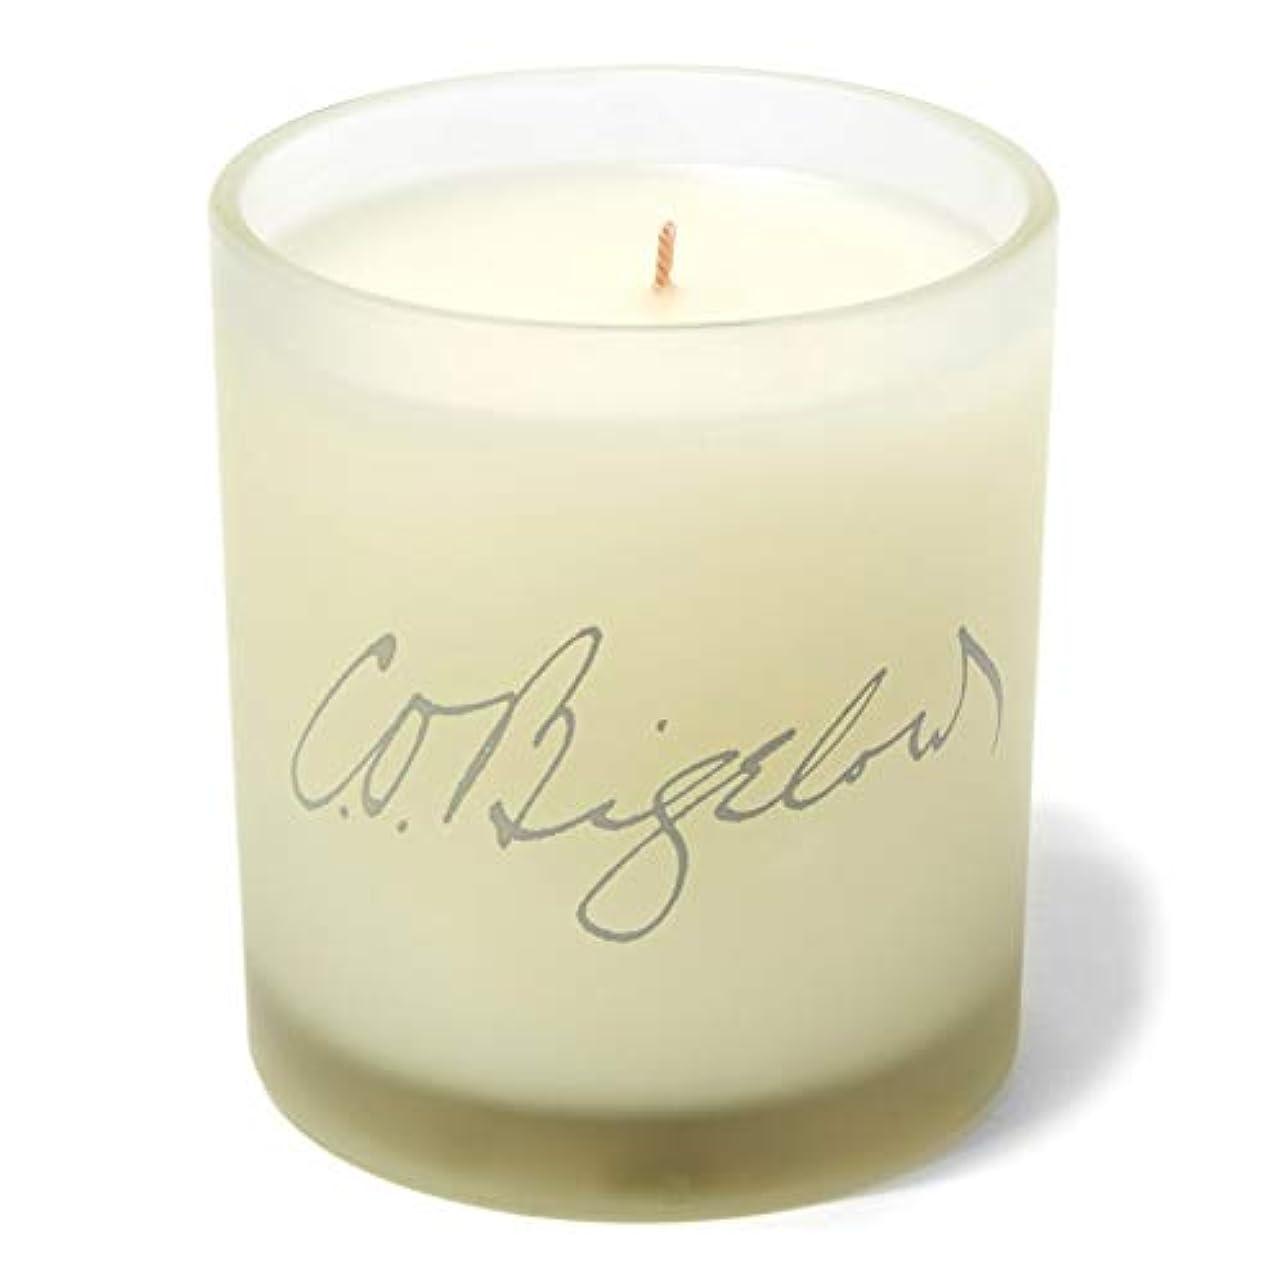 代名詞ベルファイター[C.O. Bigelow] C.O.ビゲローユーカリキャンドル241ミリリットル - C.O. Bigelow Eucalyptus Candle 241ml [並行輸入品]